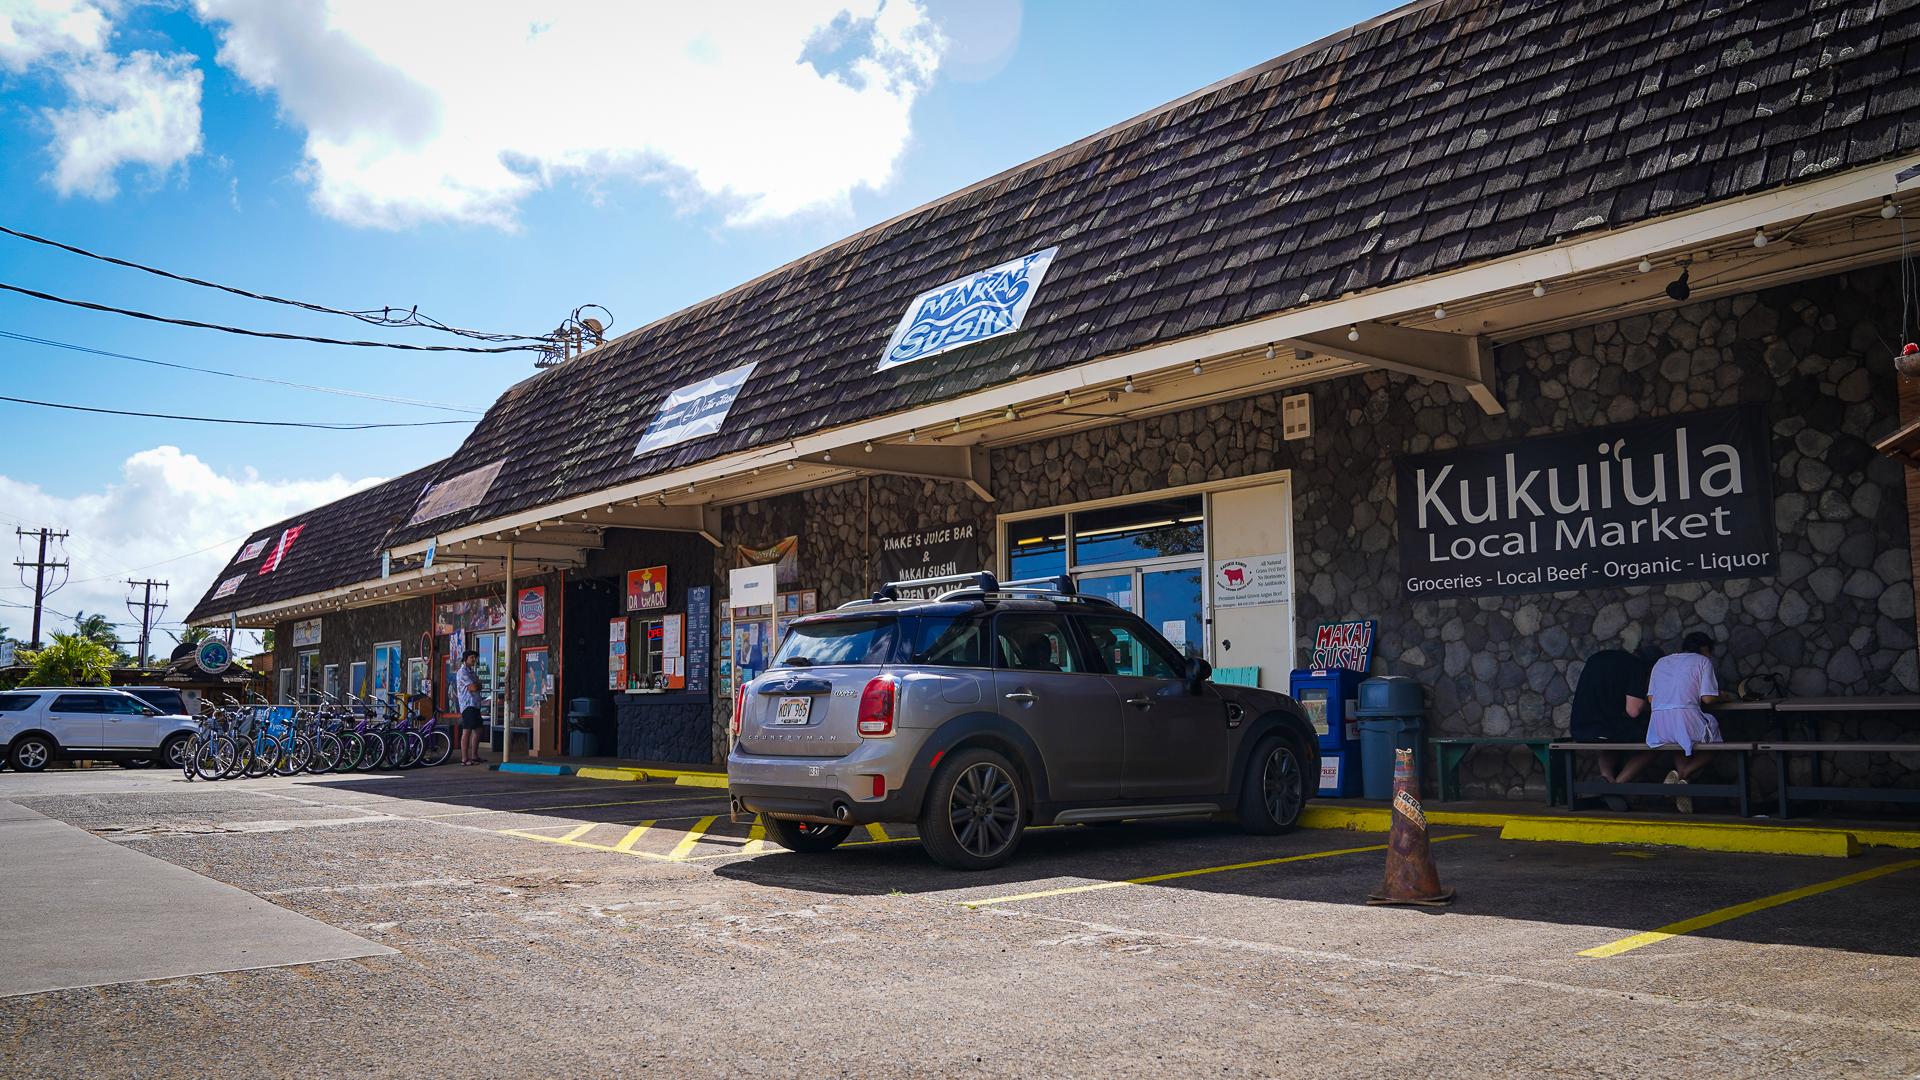 Kauai Kukuiula Mom and Pop Market Exterior Sign